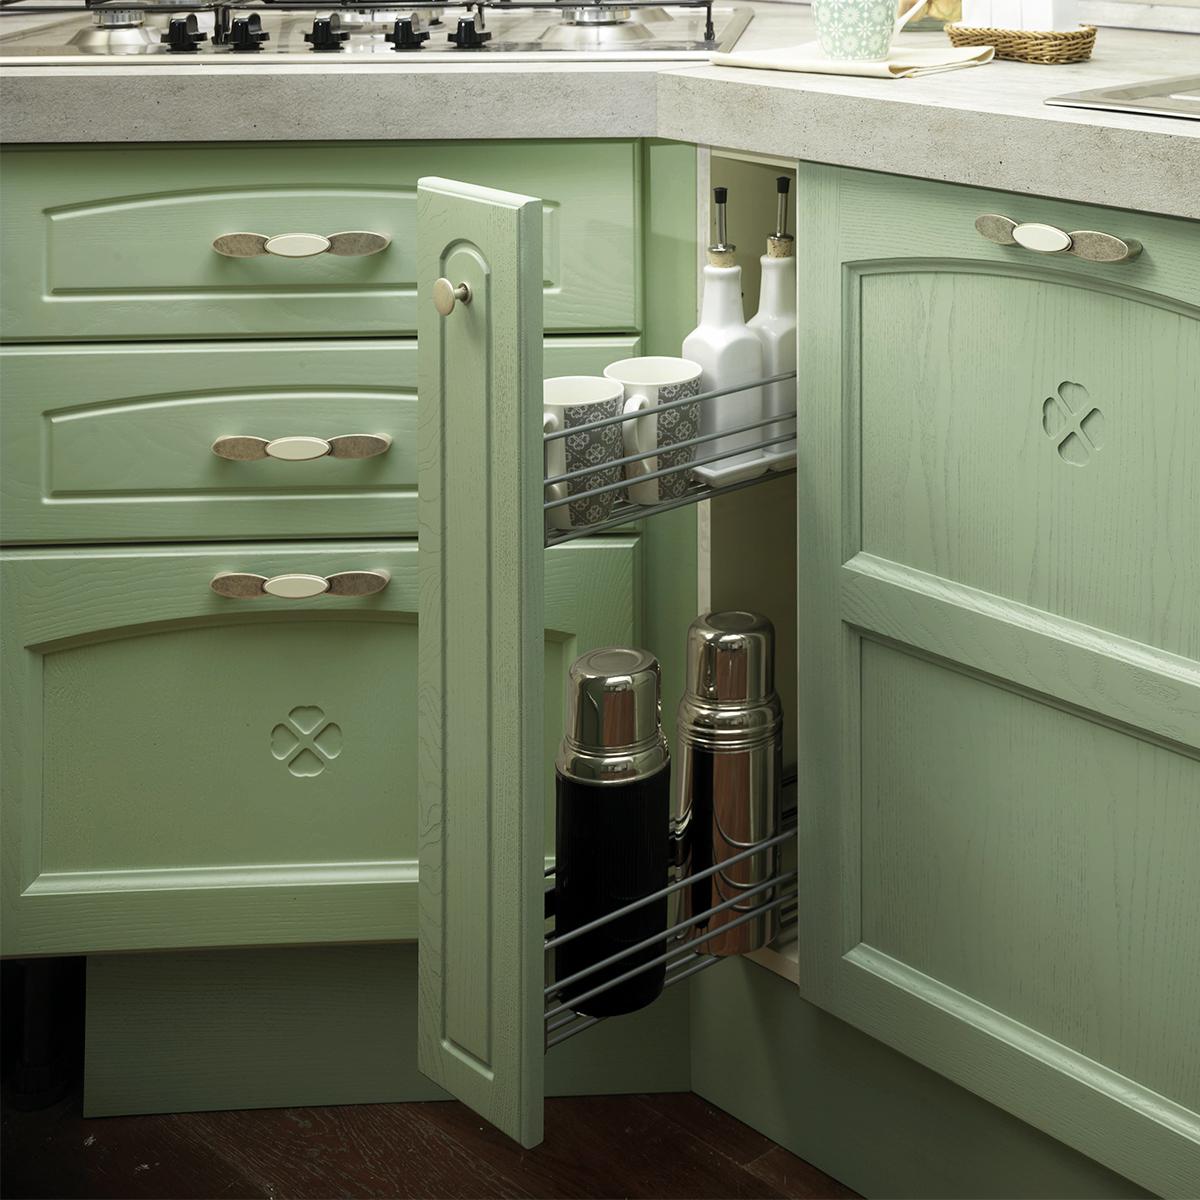 Cucina componibile verde patinato carmen 0b2b for Mondoconv it cucine